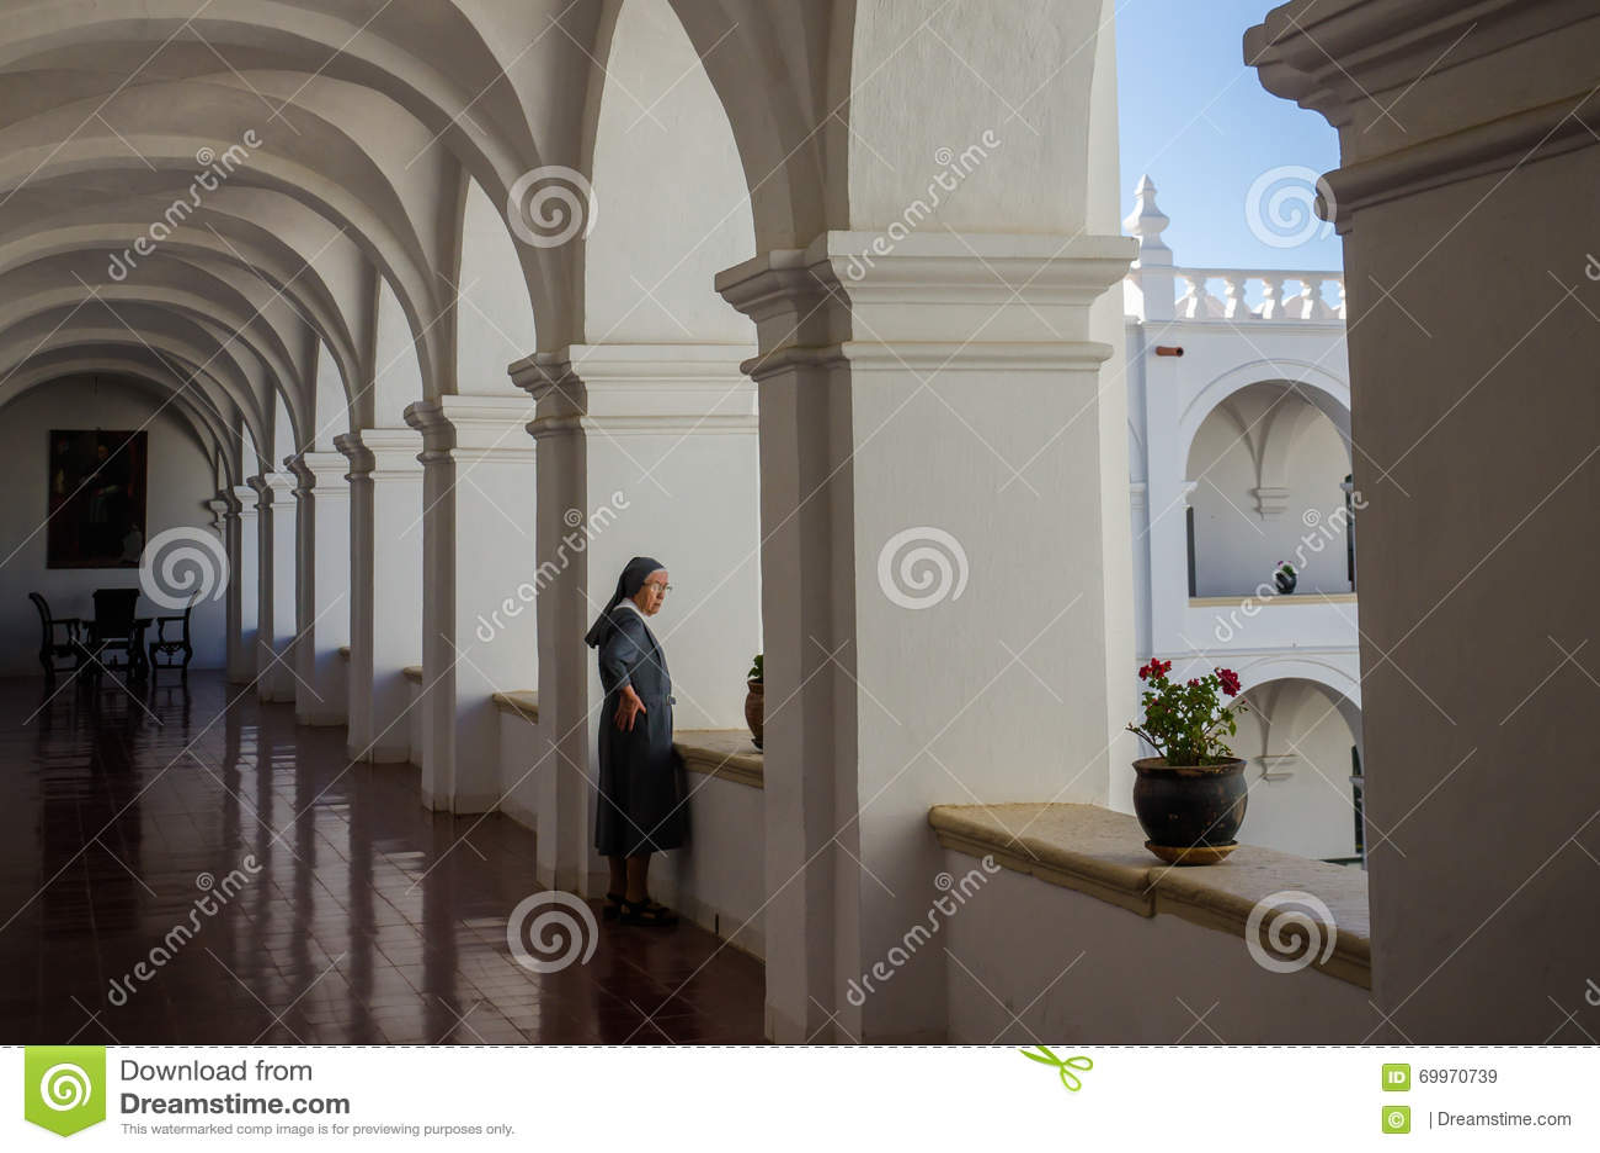 Монашка в монастыре смотрит из окна